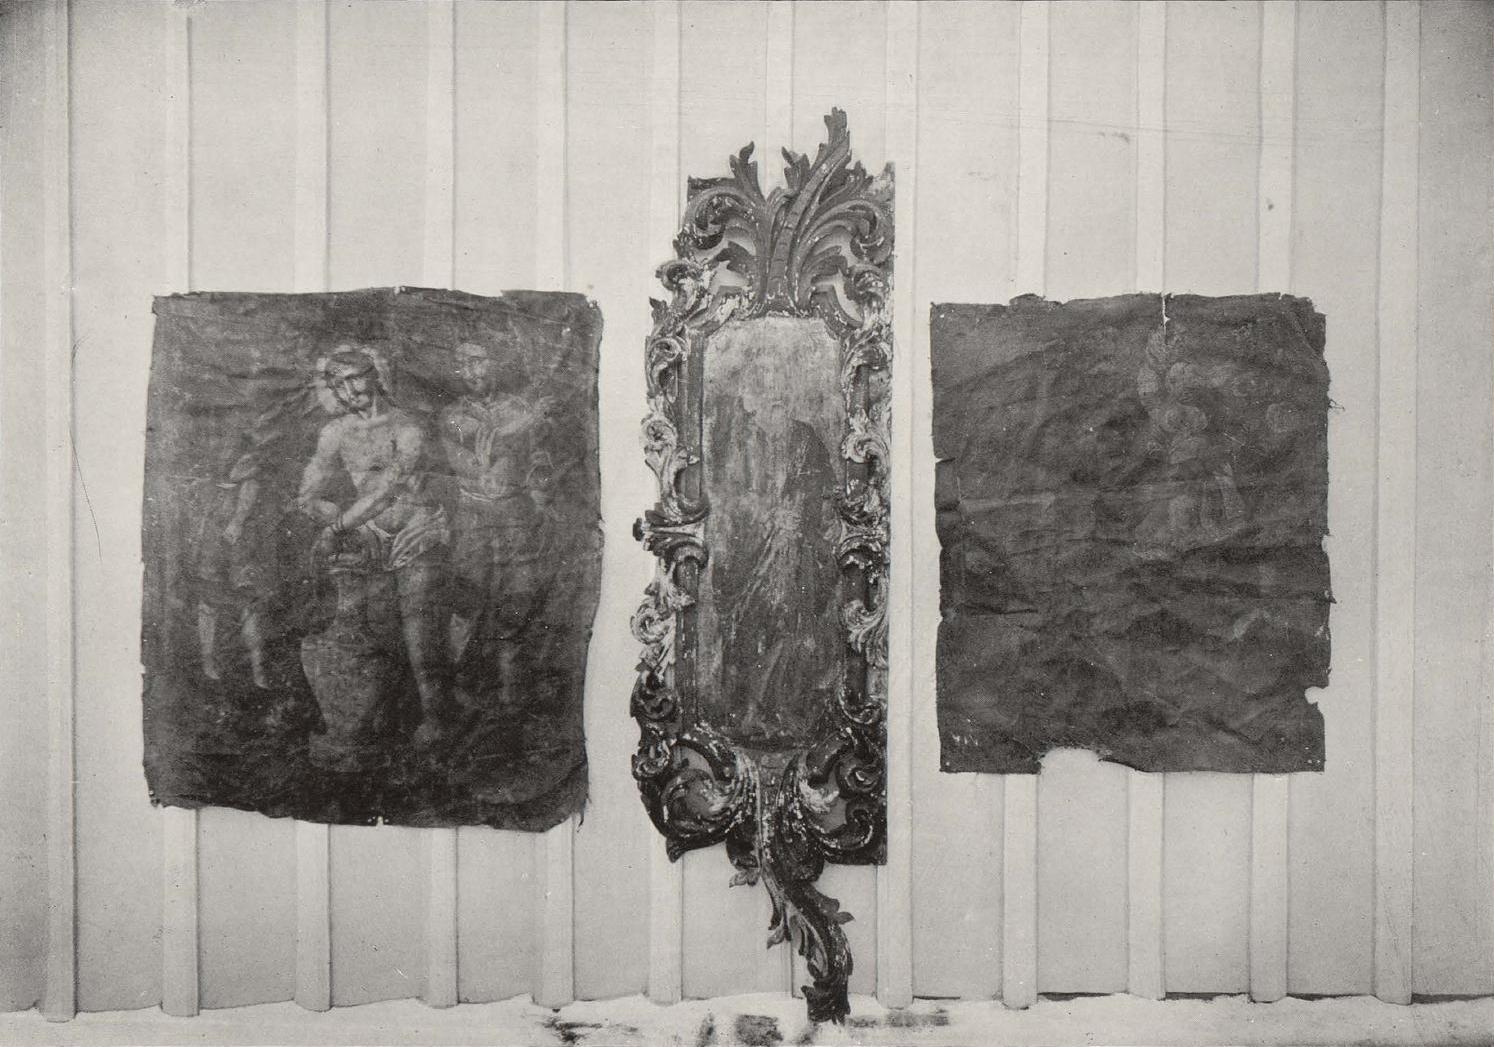 Свято-Петропавловская церковь. Интерьер. 1899